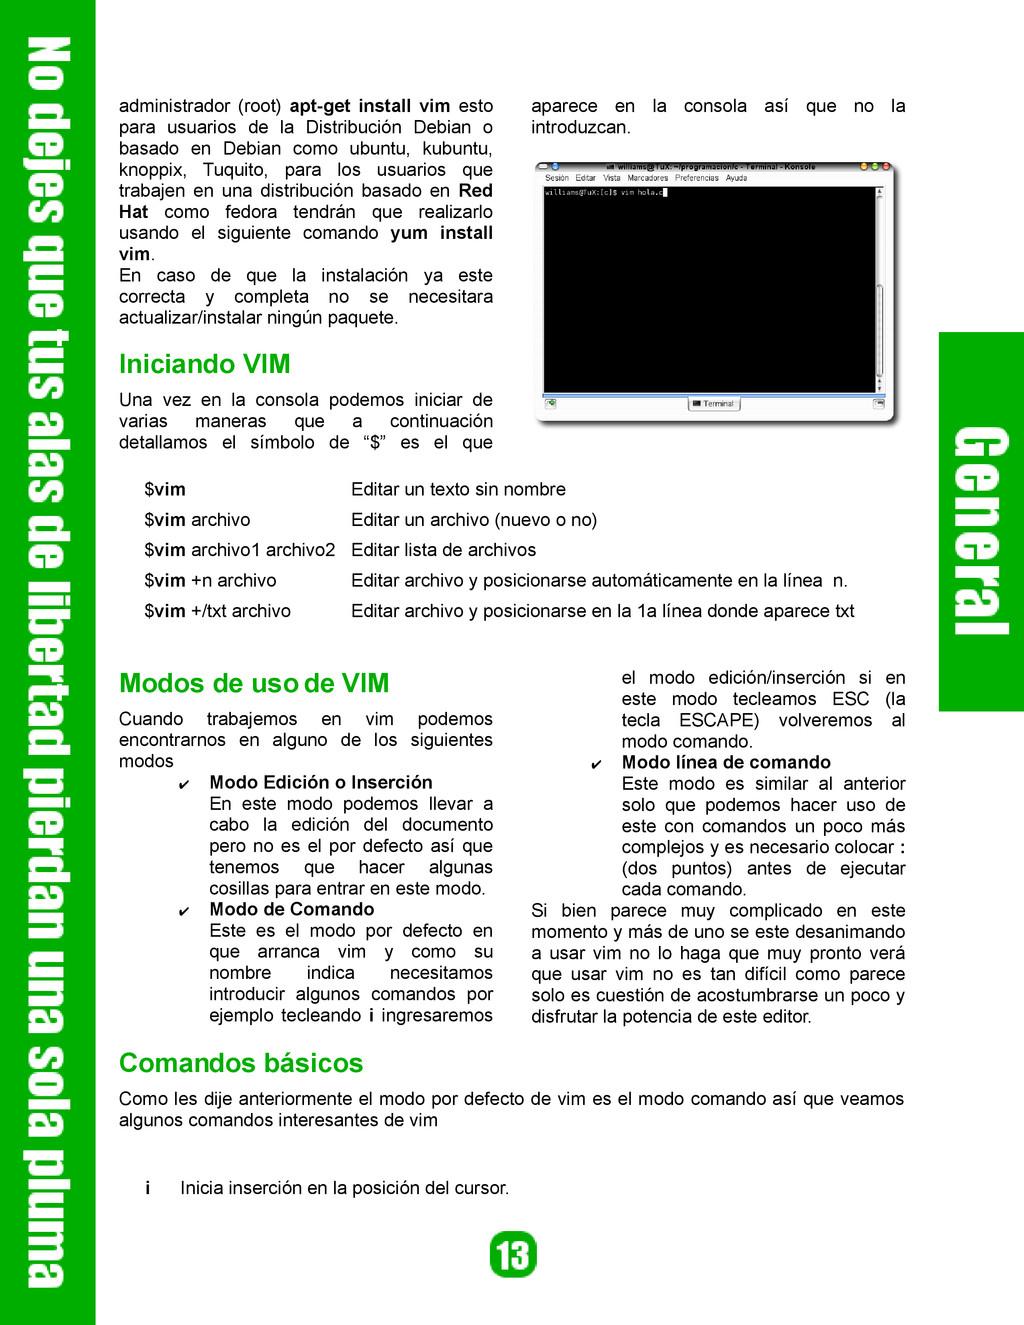 administrador (root) apt-get install vim esto p...